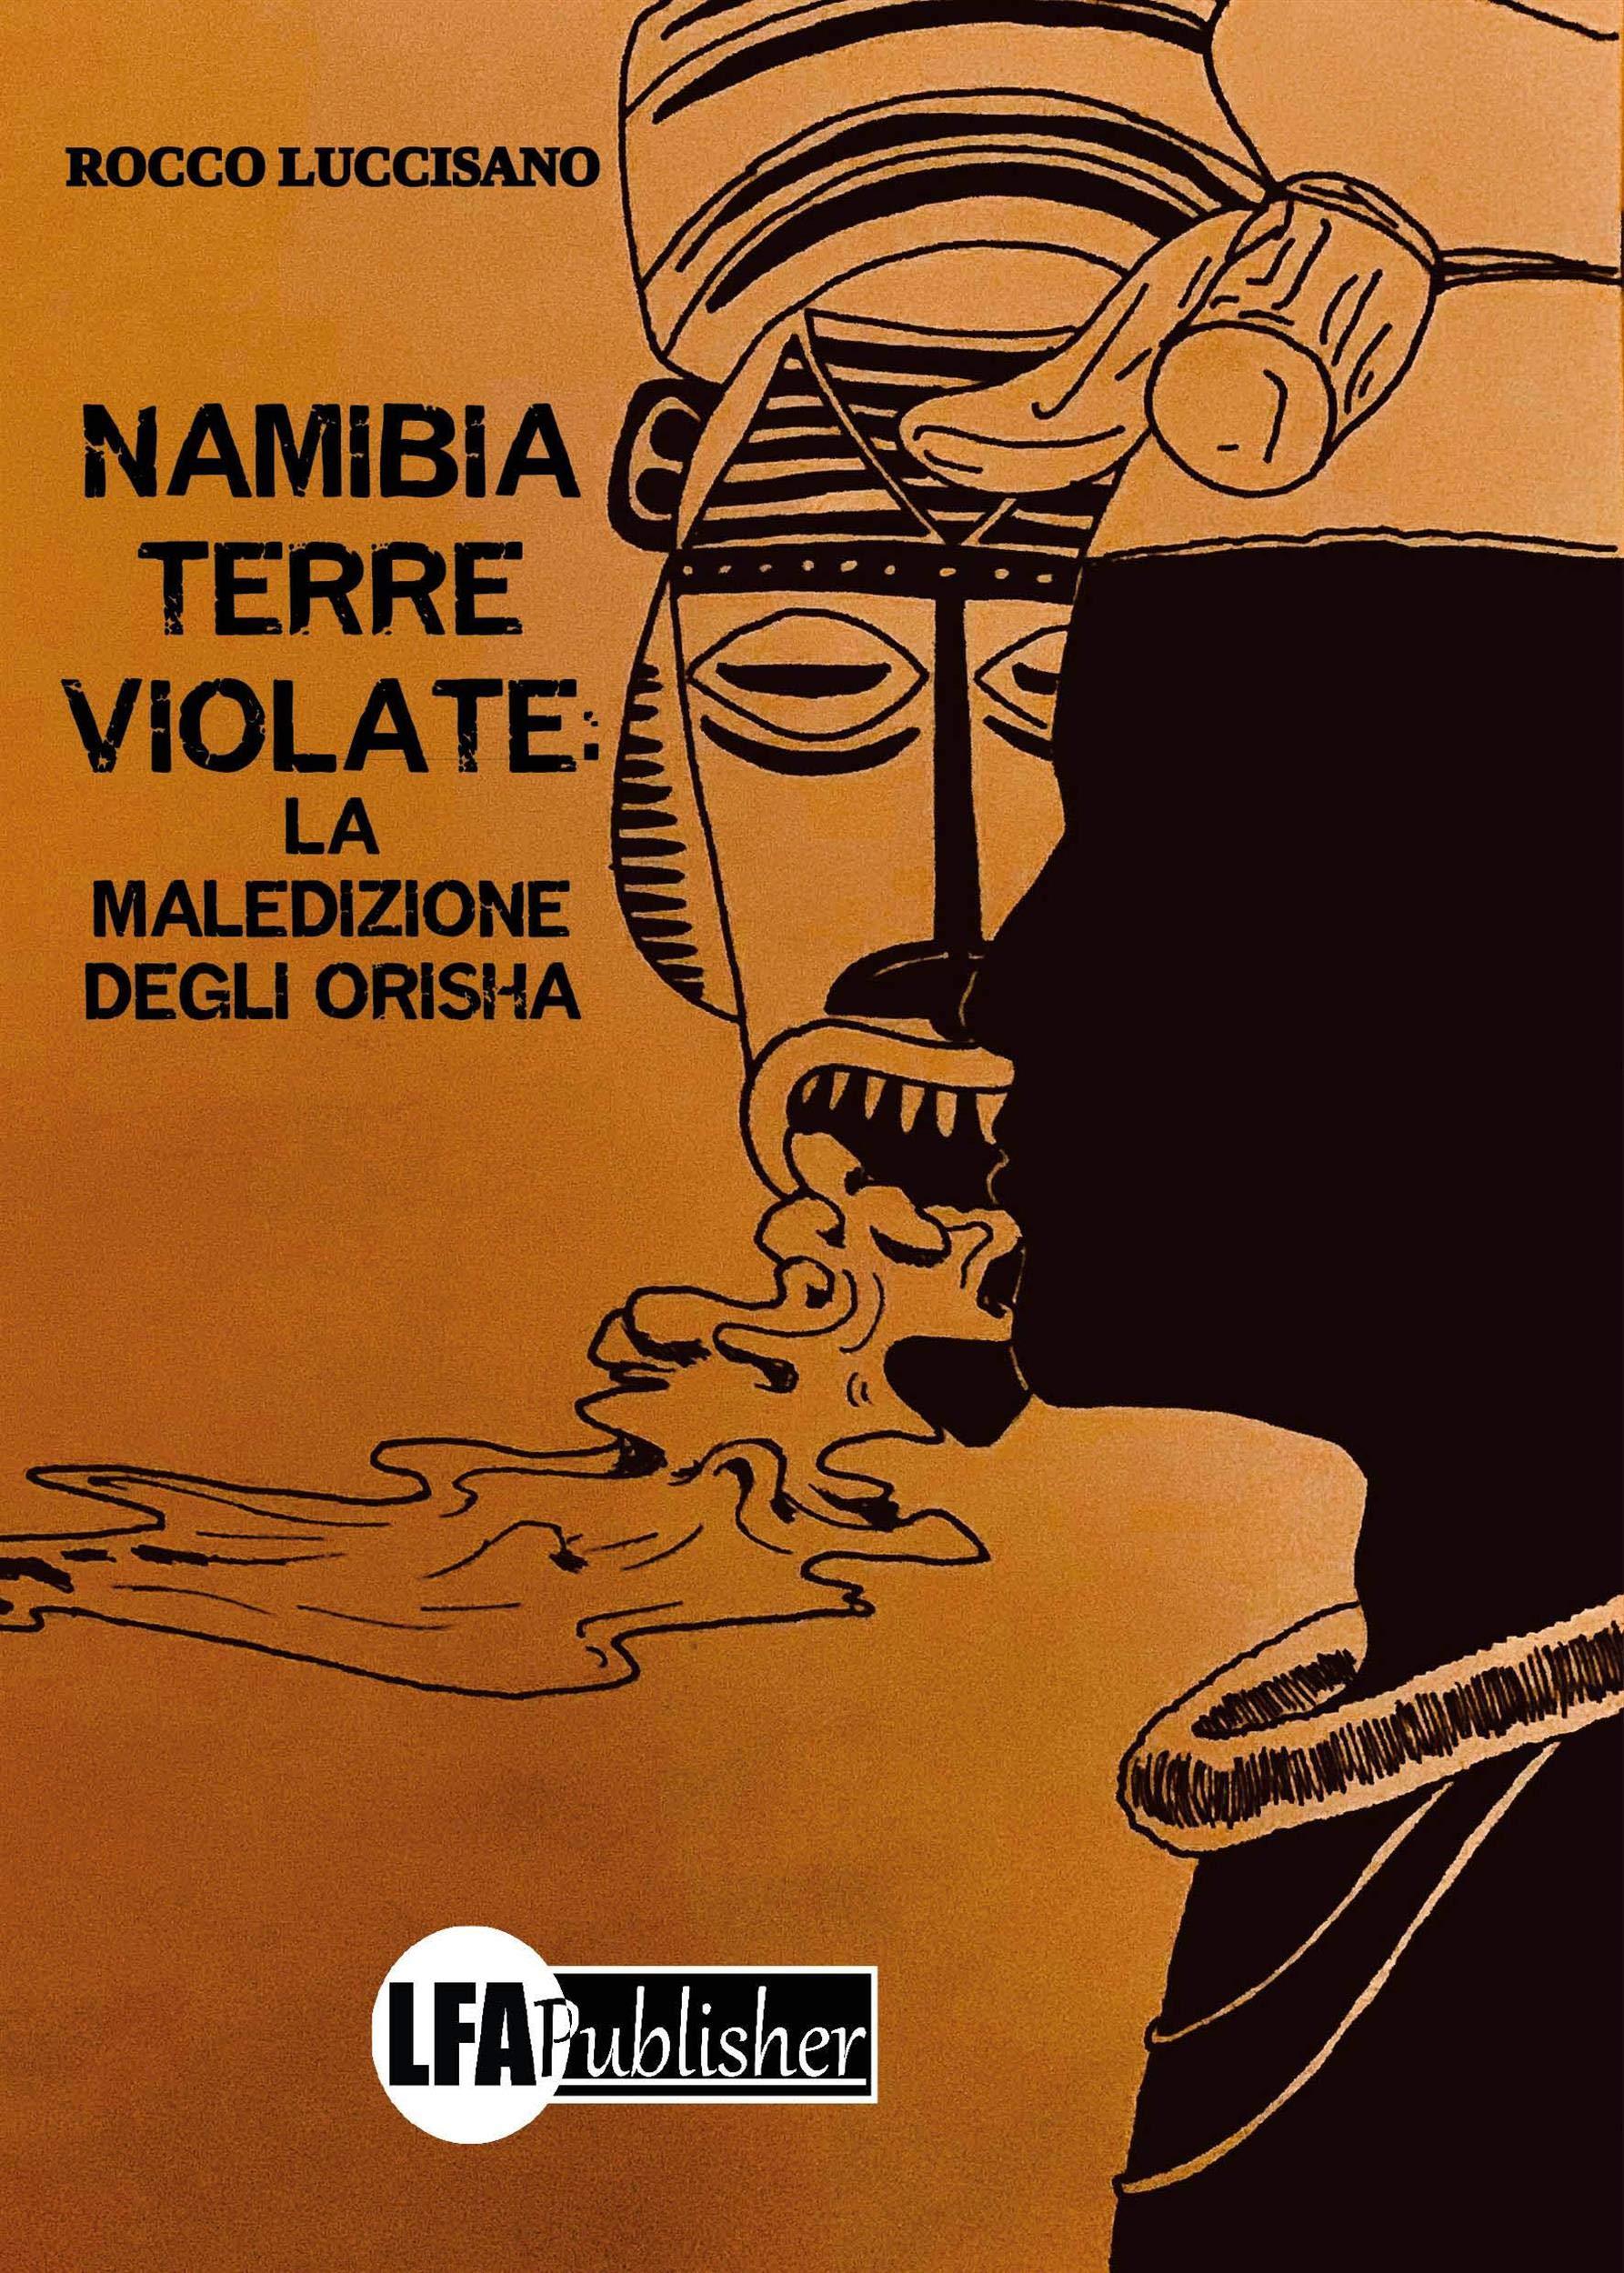 Namibia terre violate: La maledizione degli Orisha